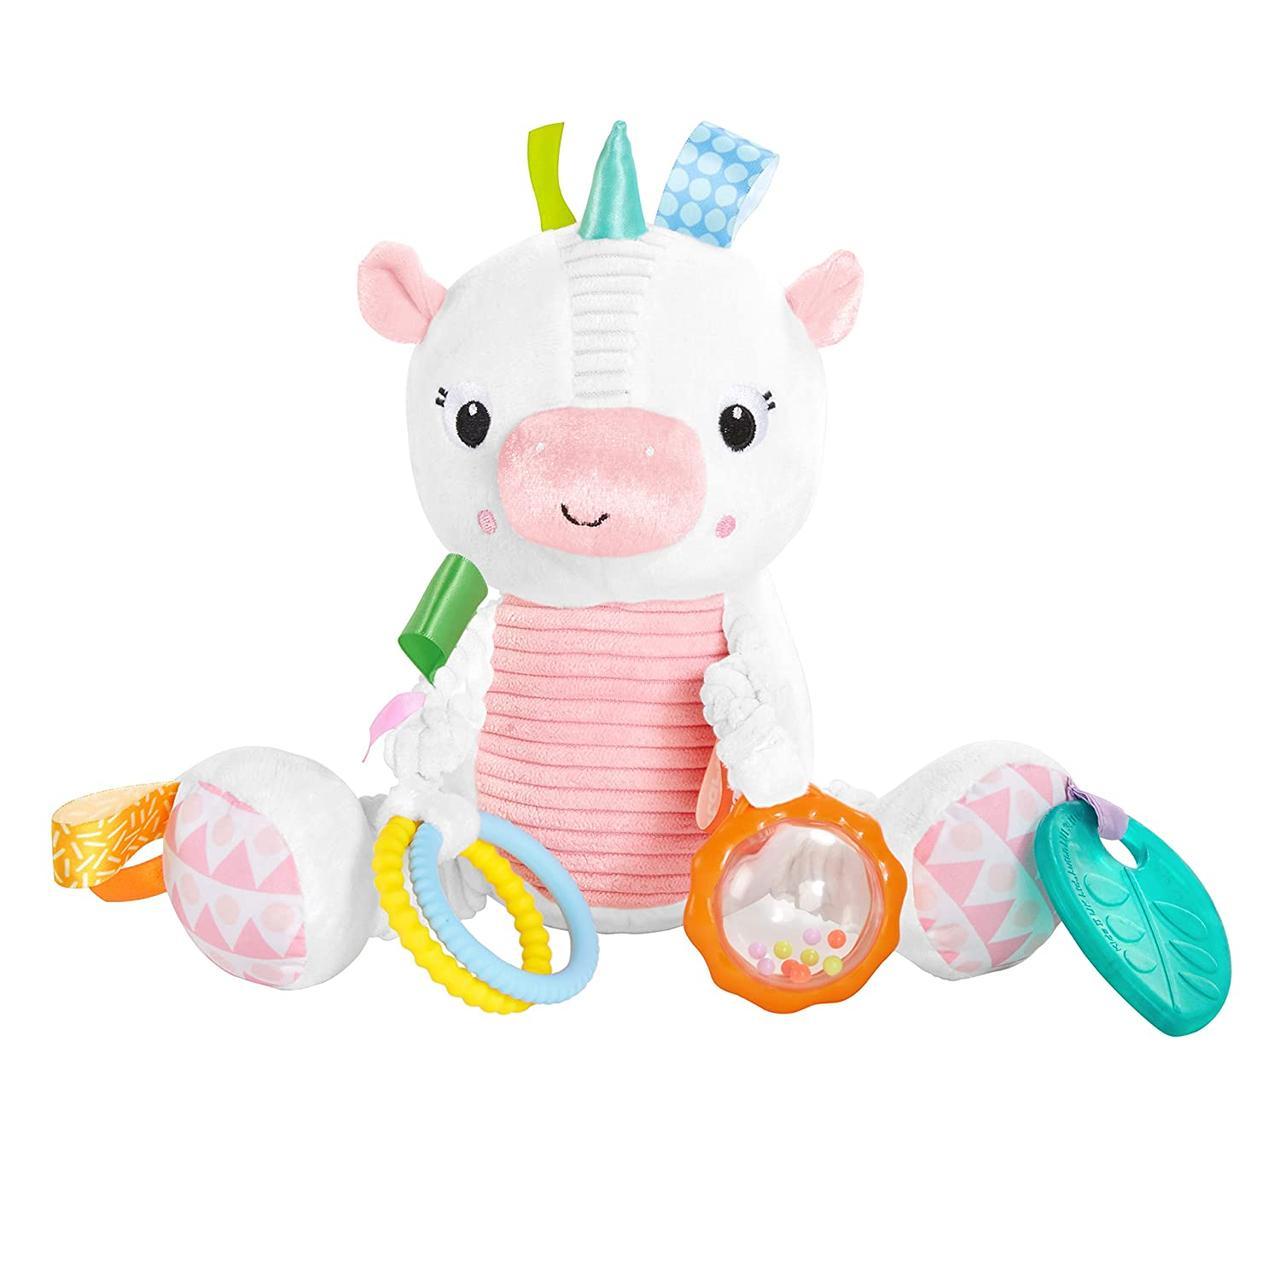 Развивающая плюшевая игрушка Милый Единорошка  США Bright Starts Bunch-O-Fun Plush Activity